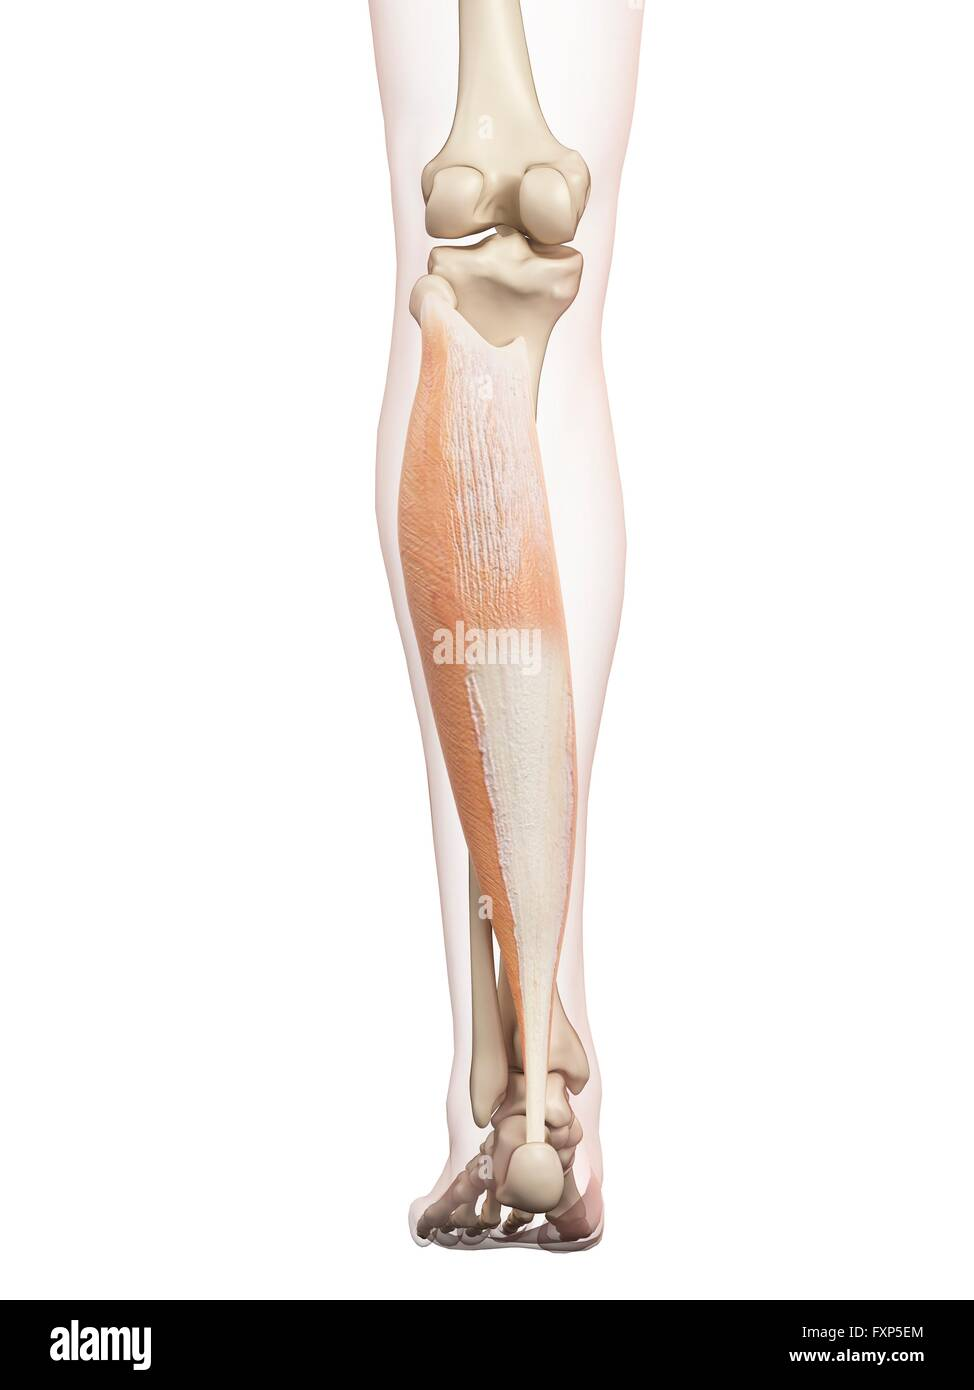 Wunderbar Beinmuskel Anatomie Diagramm Bilder - Anatomie Von ...